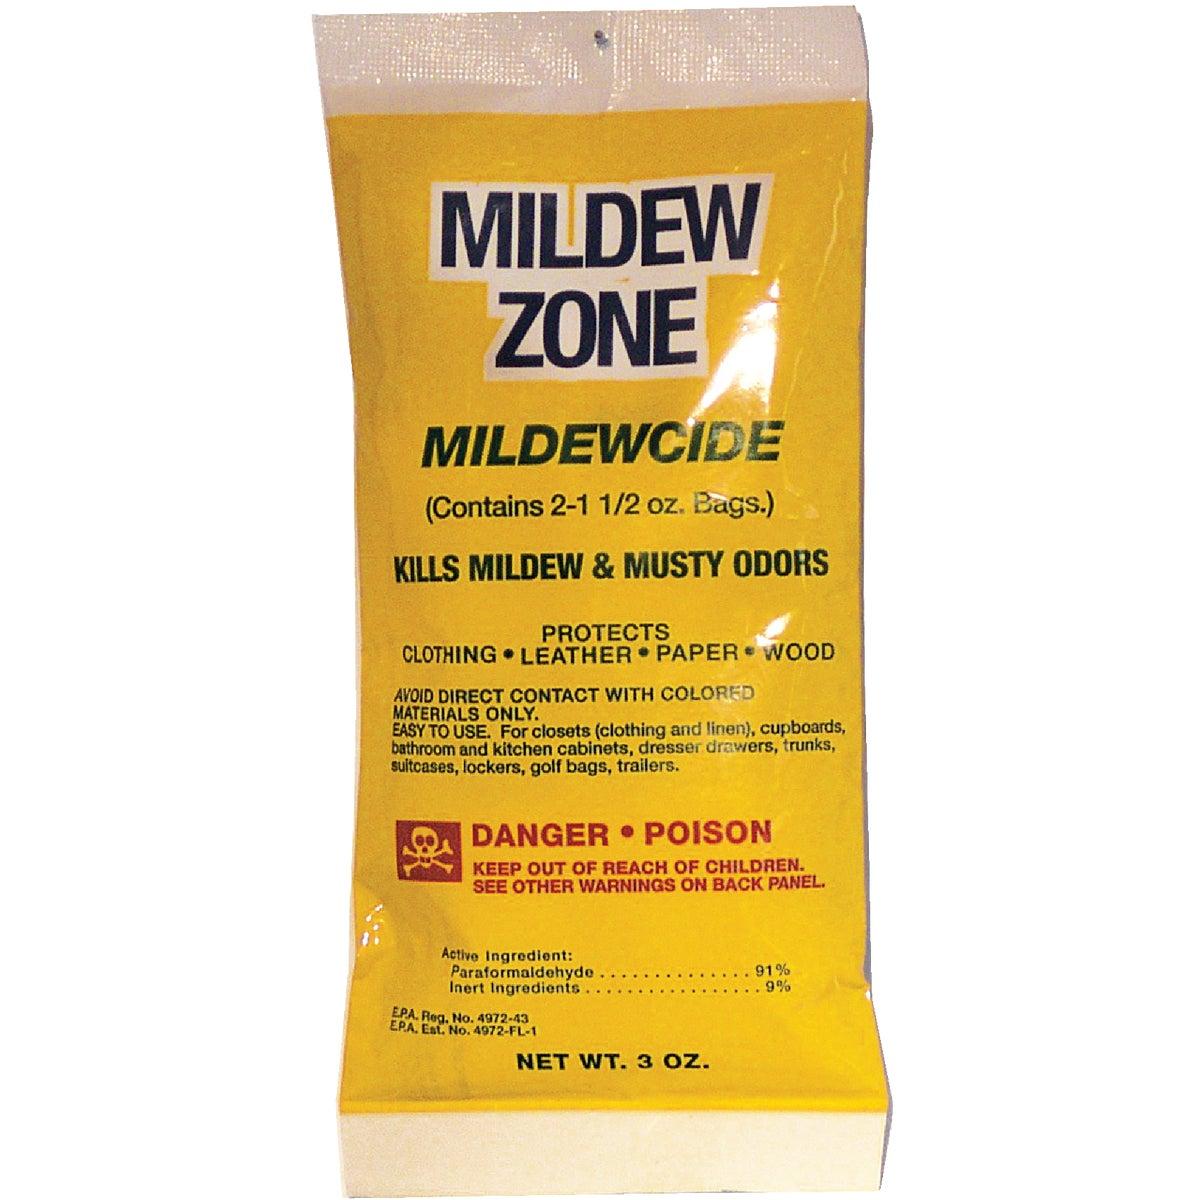 3Oz Twinpack Mildew Zone